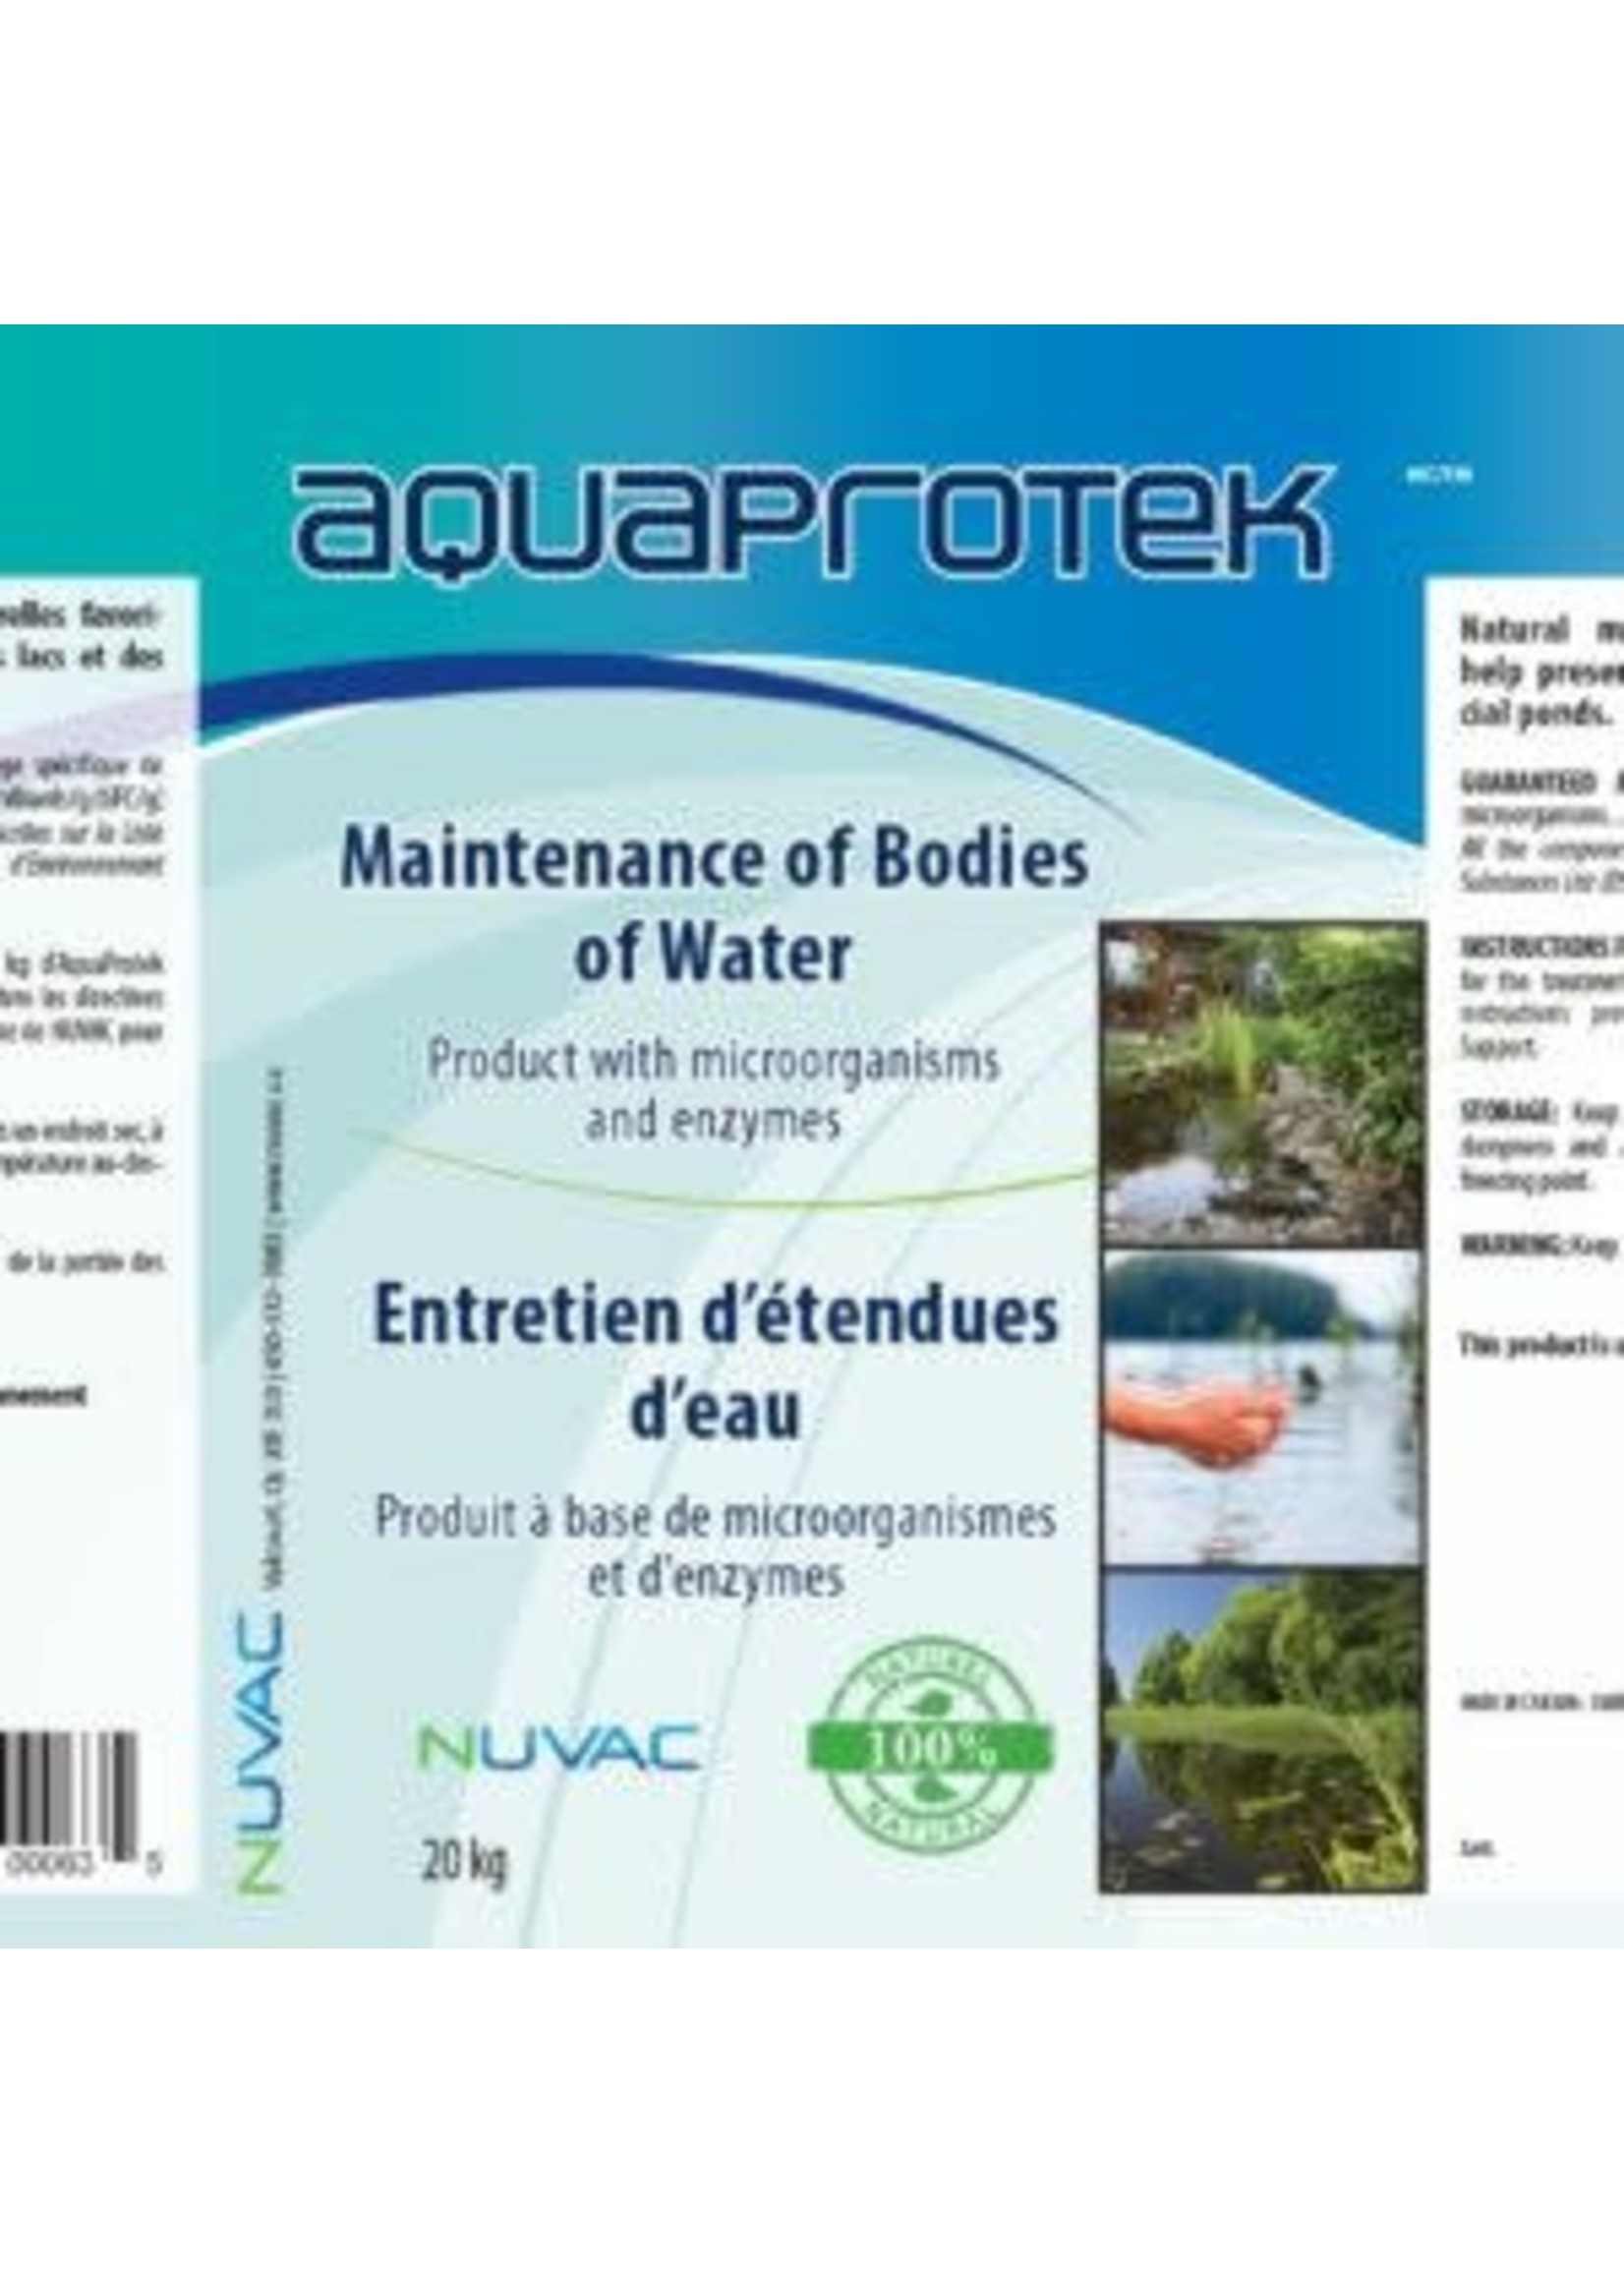 Nuvac Aquaproteck 28 g X 12